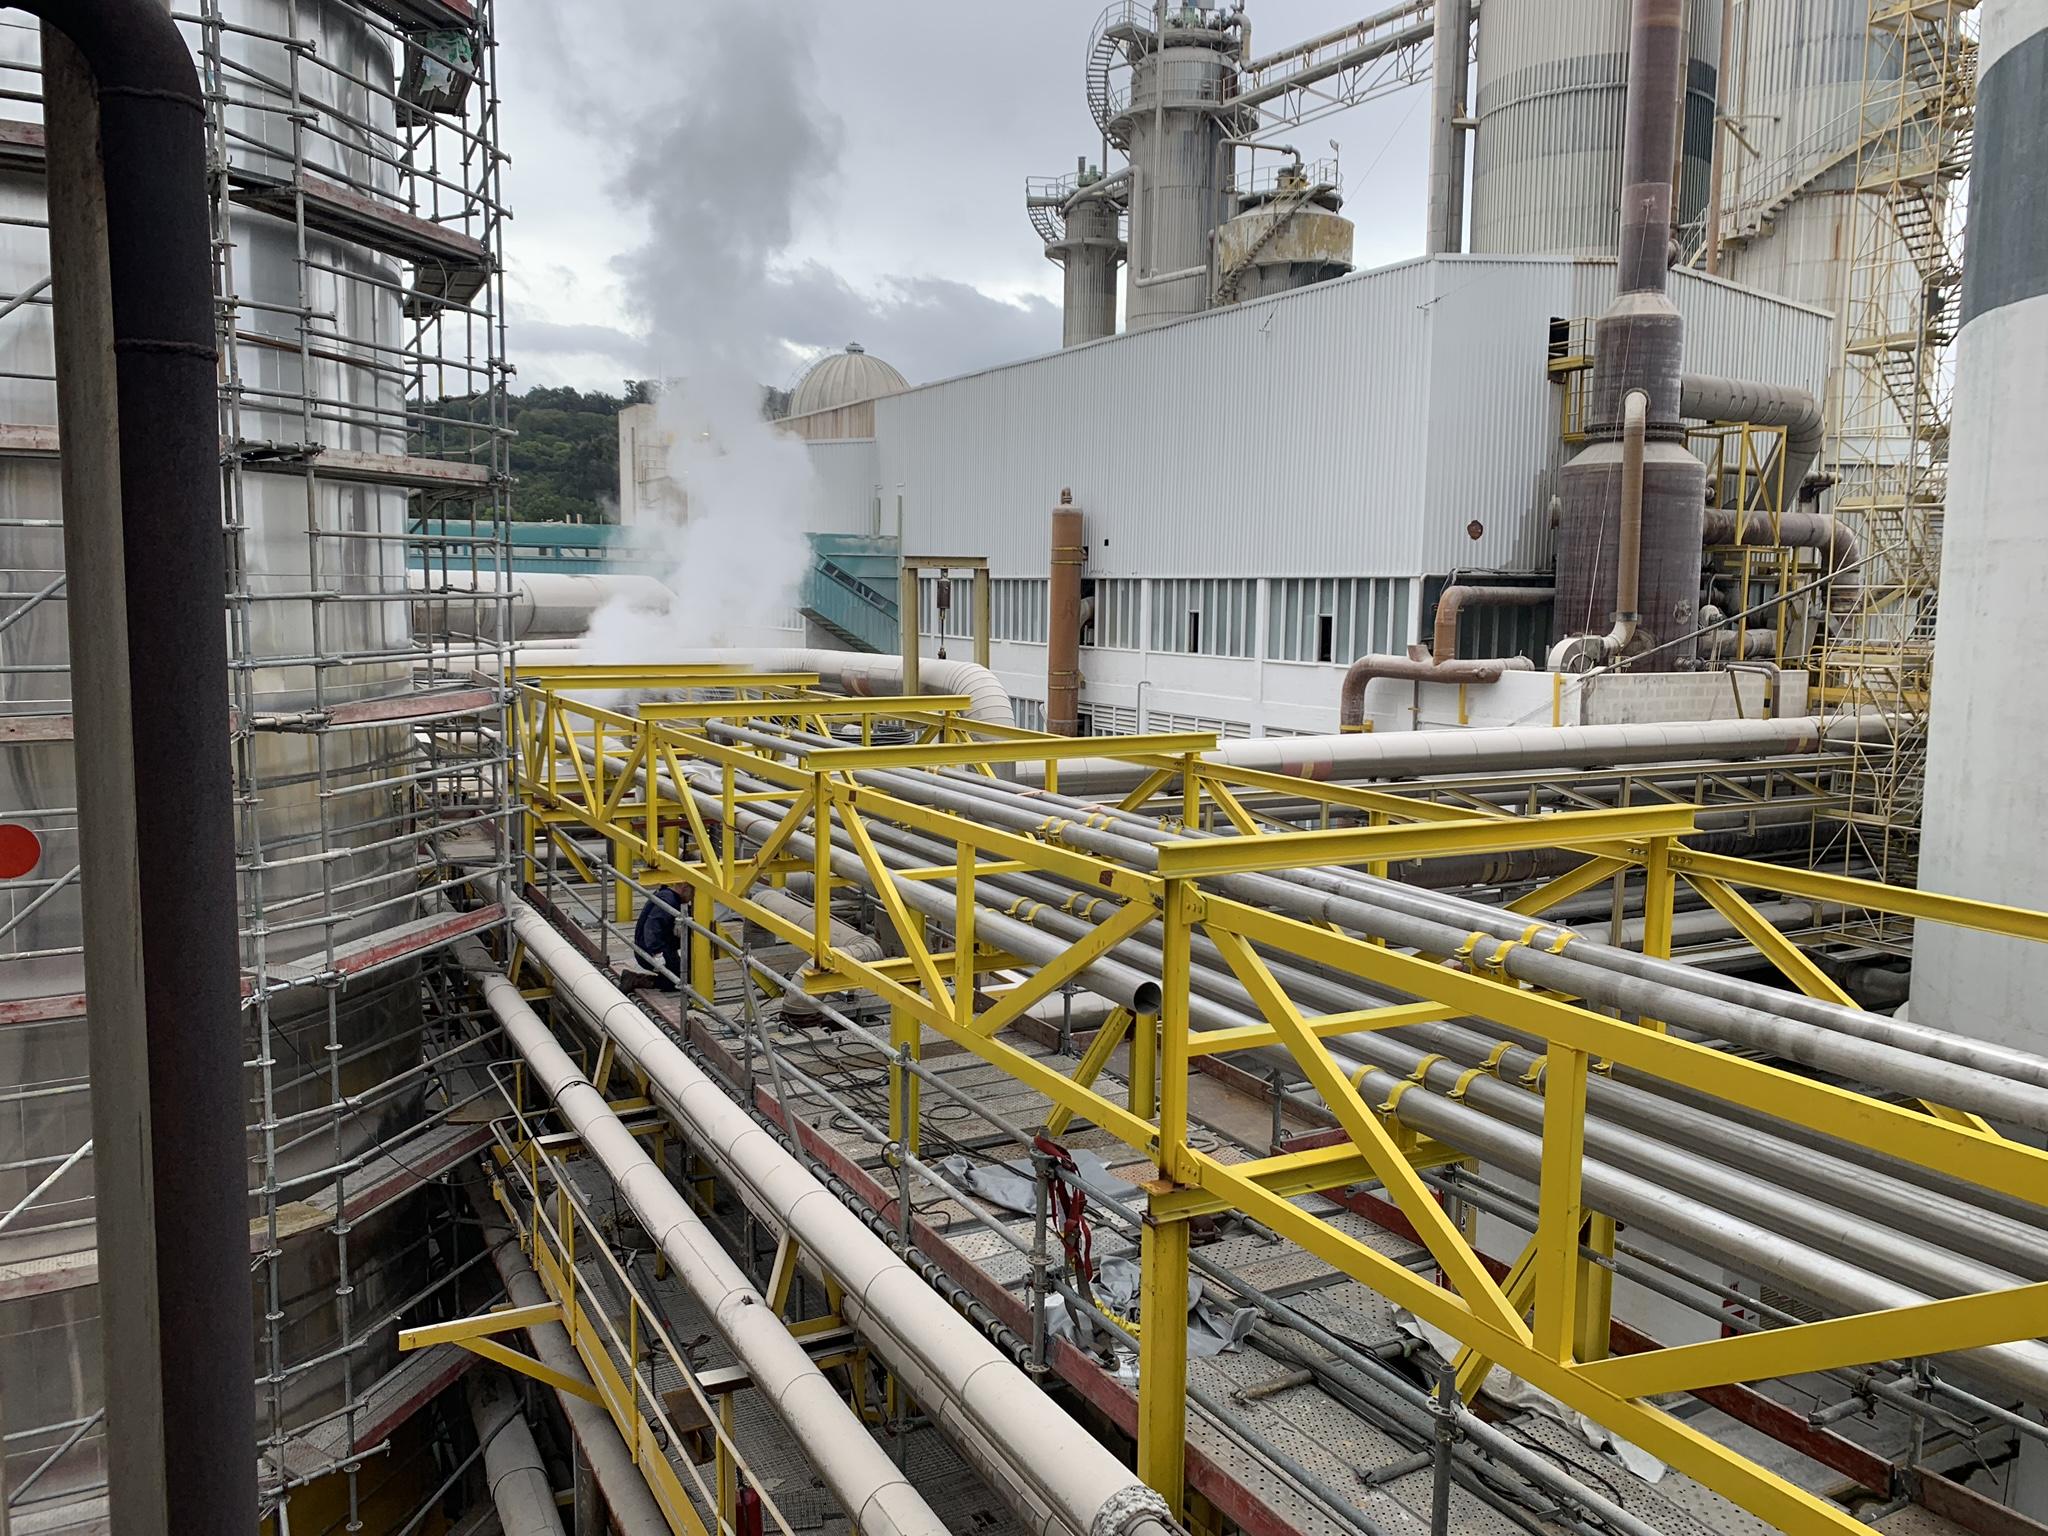 Estructura rack tuberías industriales - ANSI Ingeniería